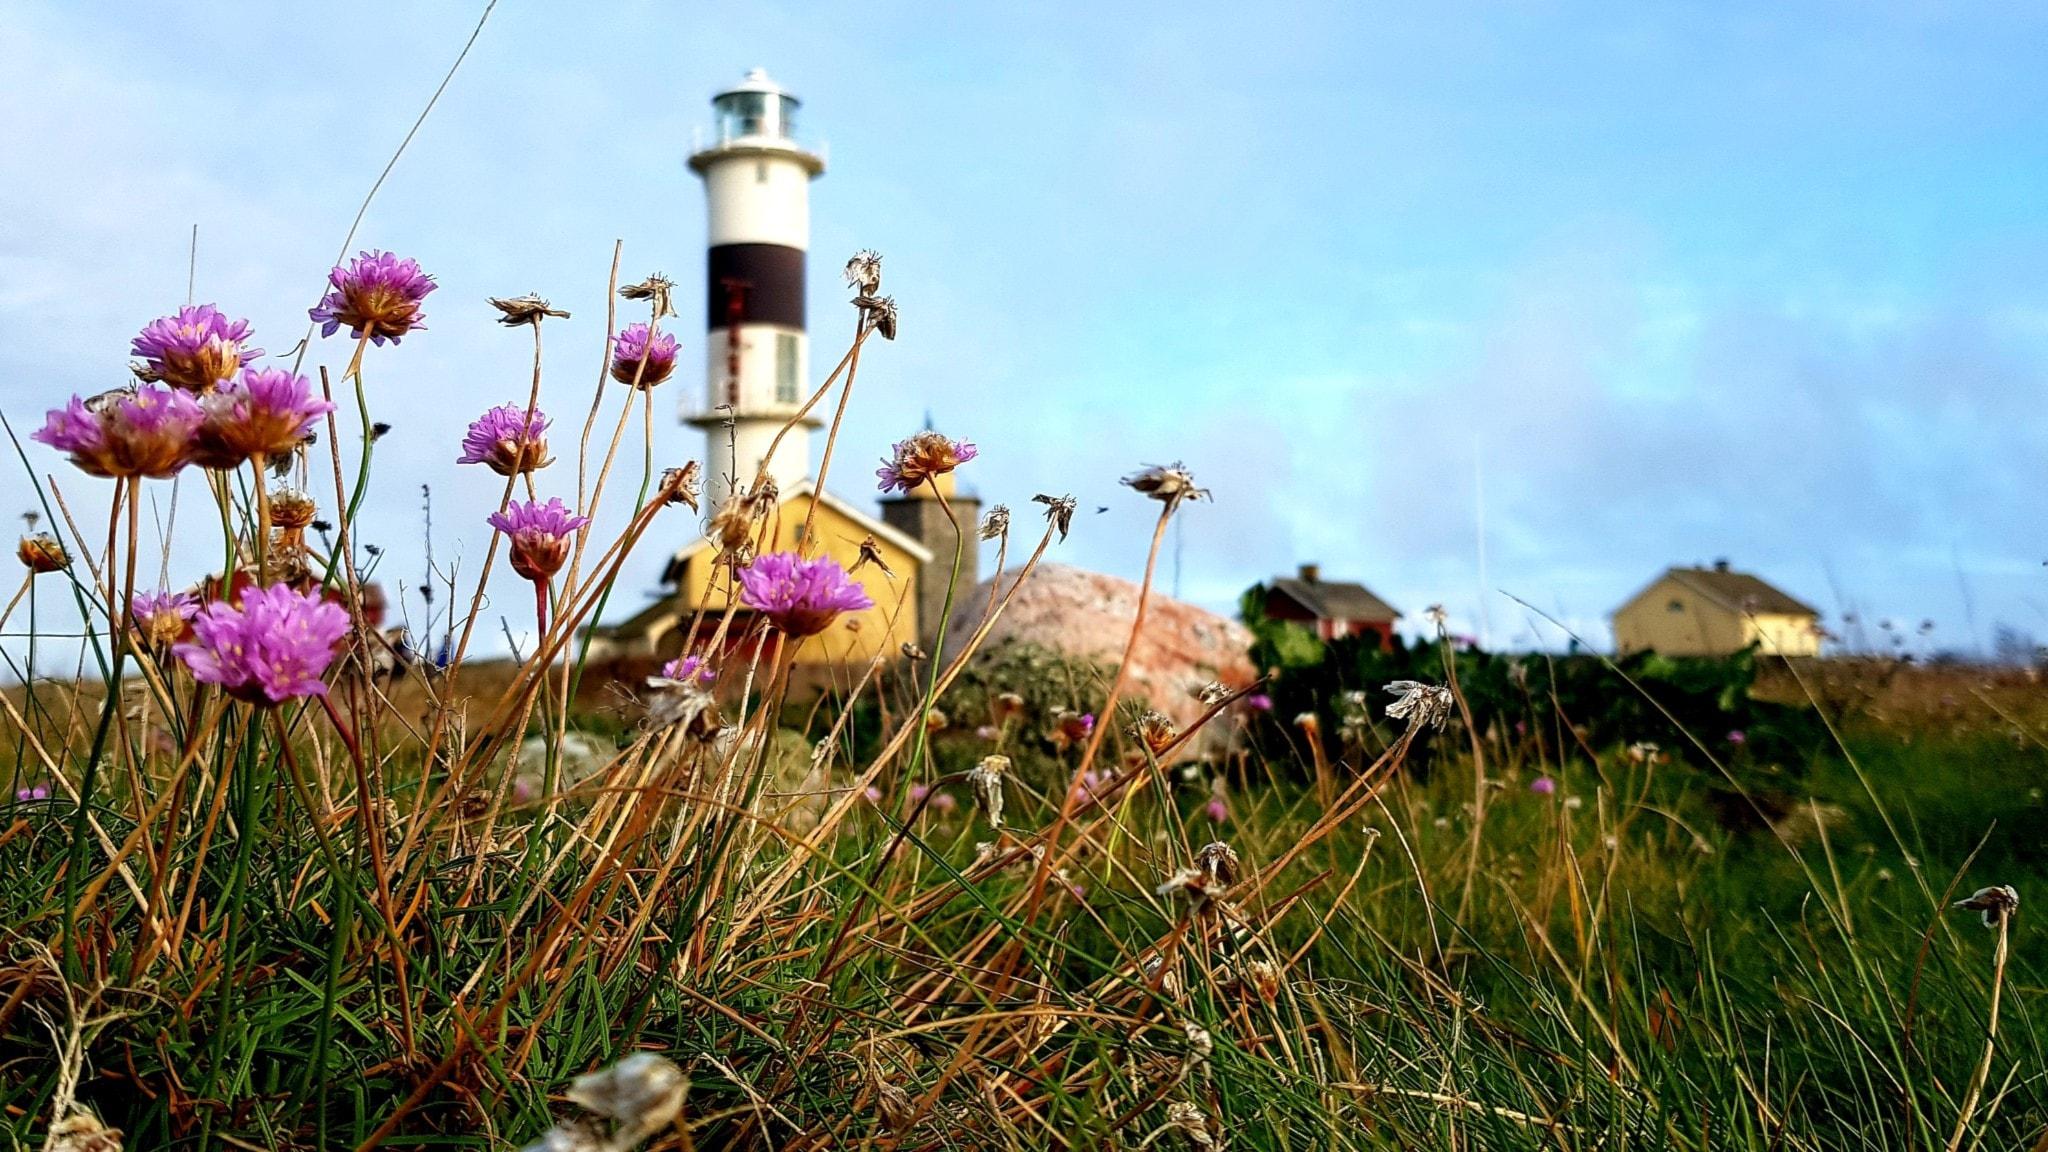 Ett fyrtorn i bakgrunden och en blommande violett växt i förgrunden